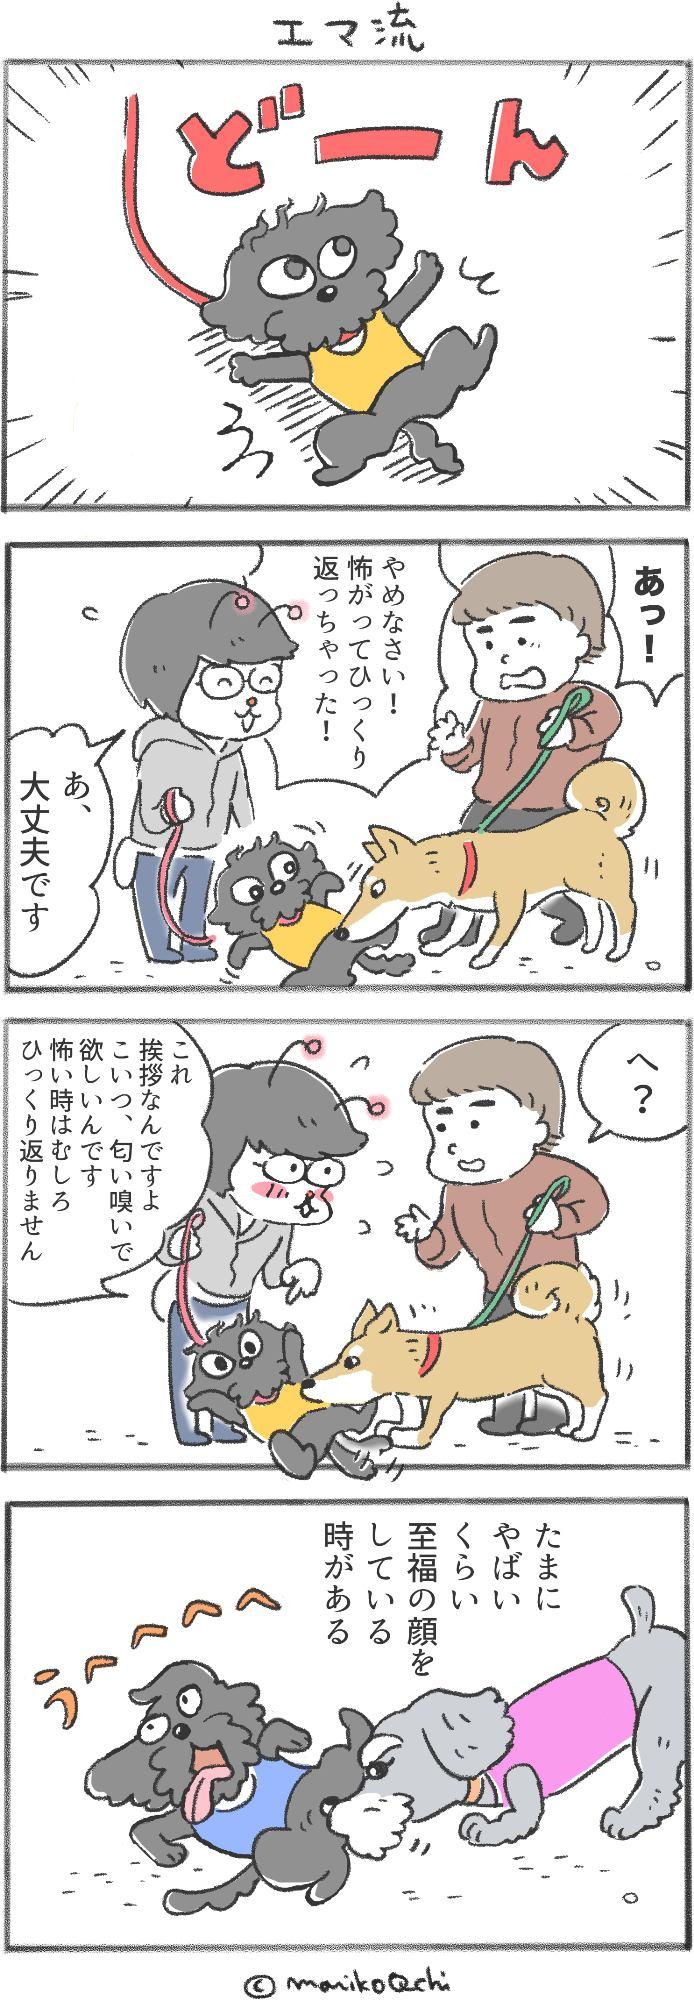 犬と暮らせば第34話